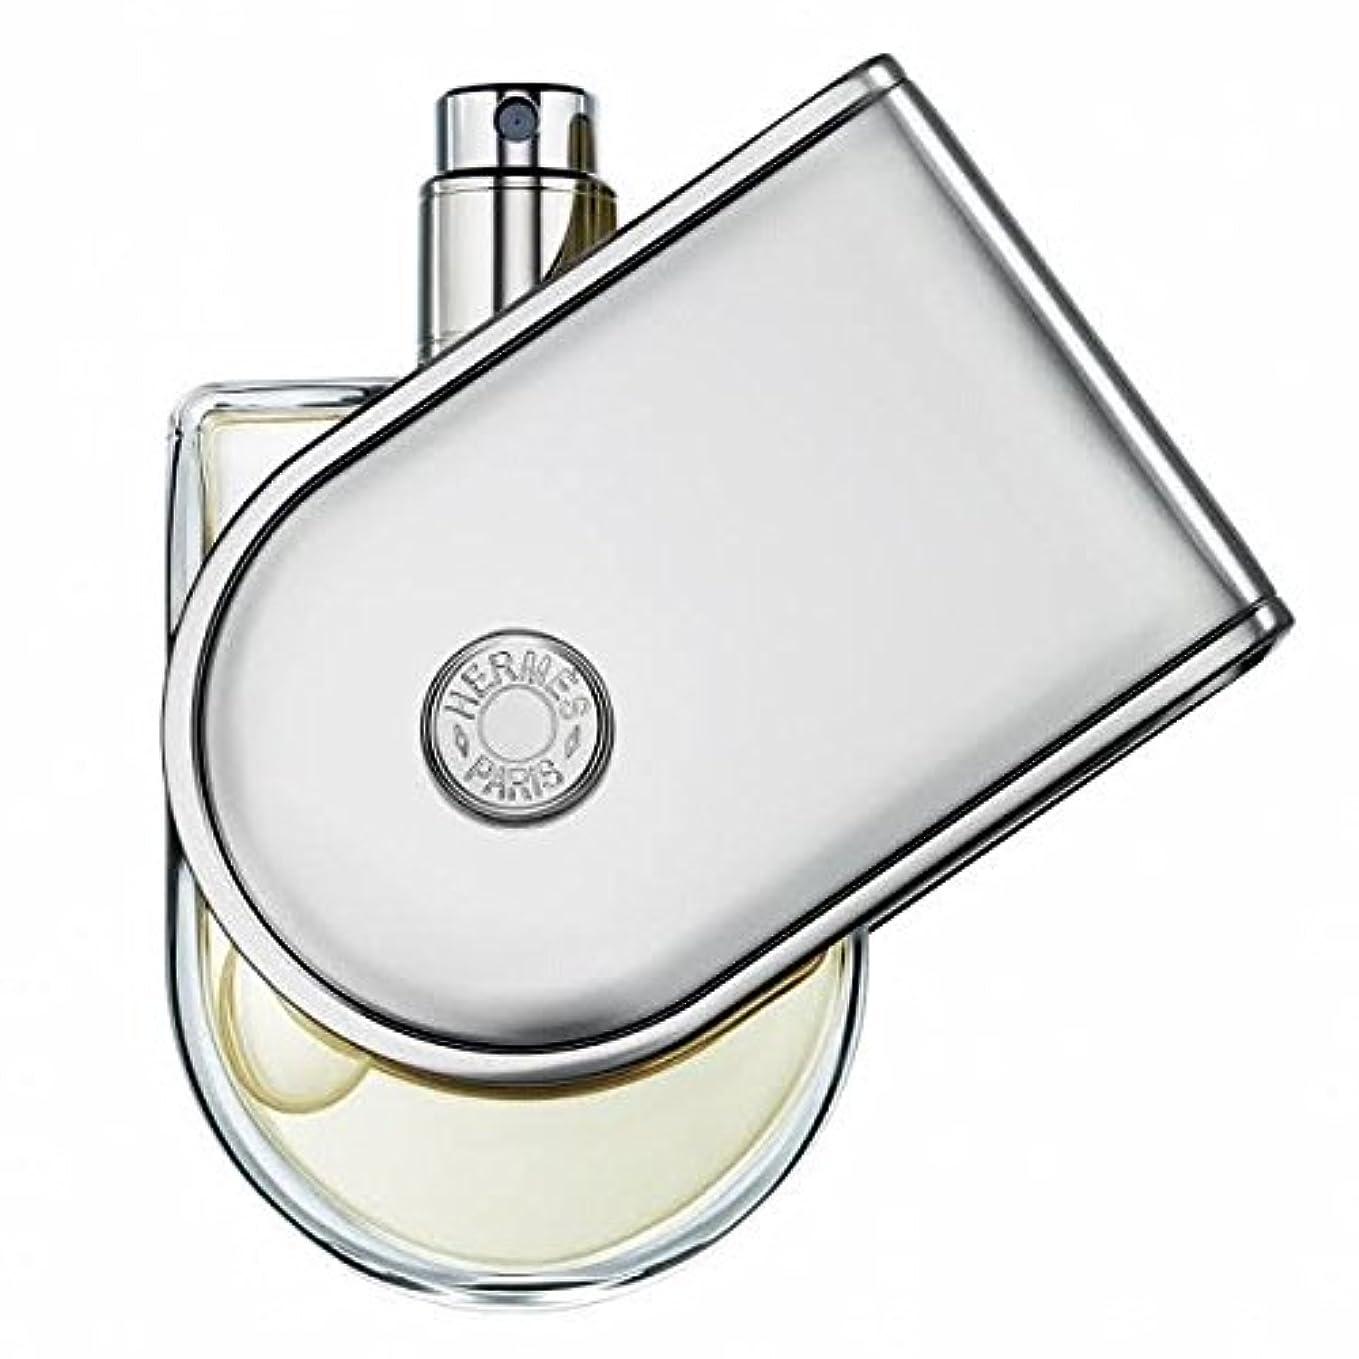 密トーナメントパキスタン人エルメス ヴォヤージュ ドゥ エルメス オードトワレ EDT ナチュラルスプレー 35mL 香水